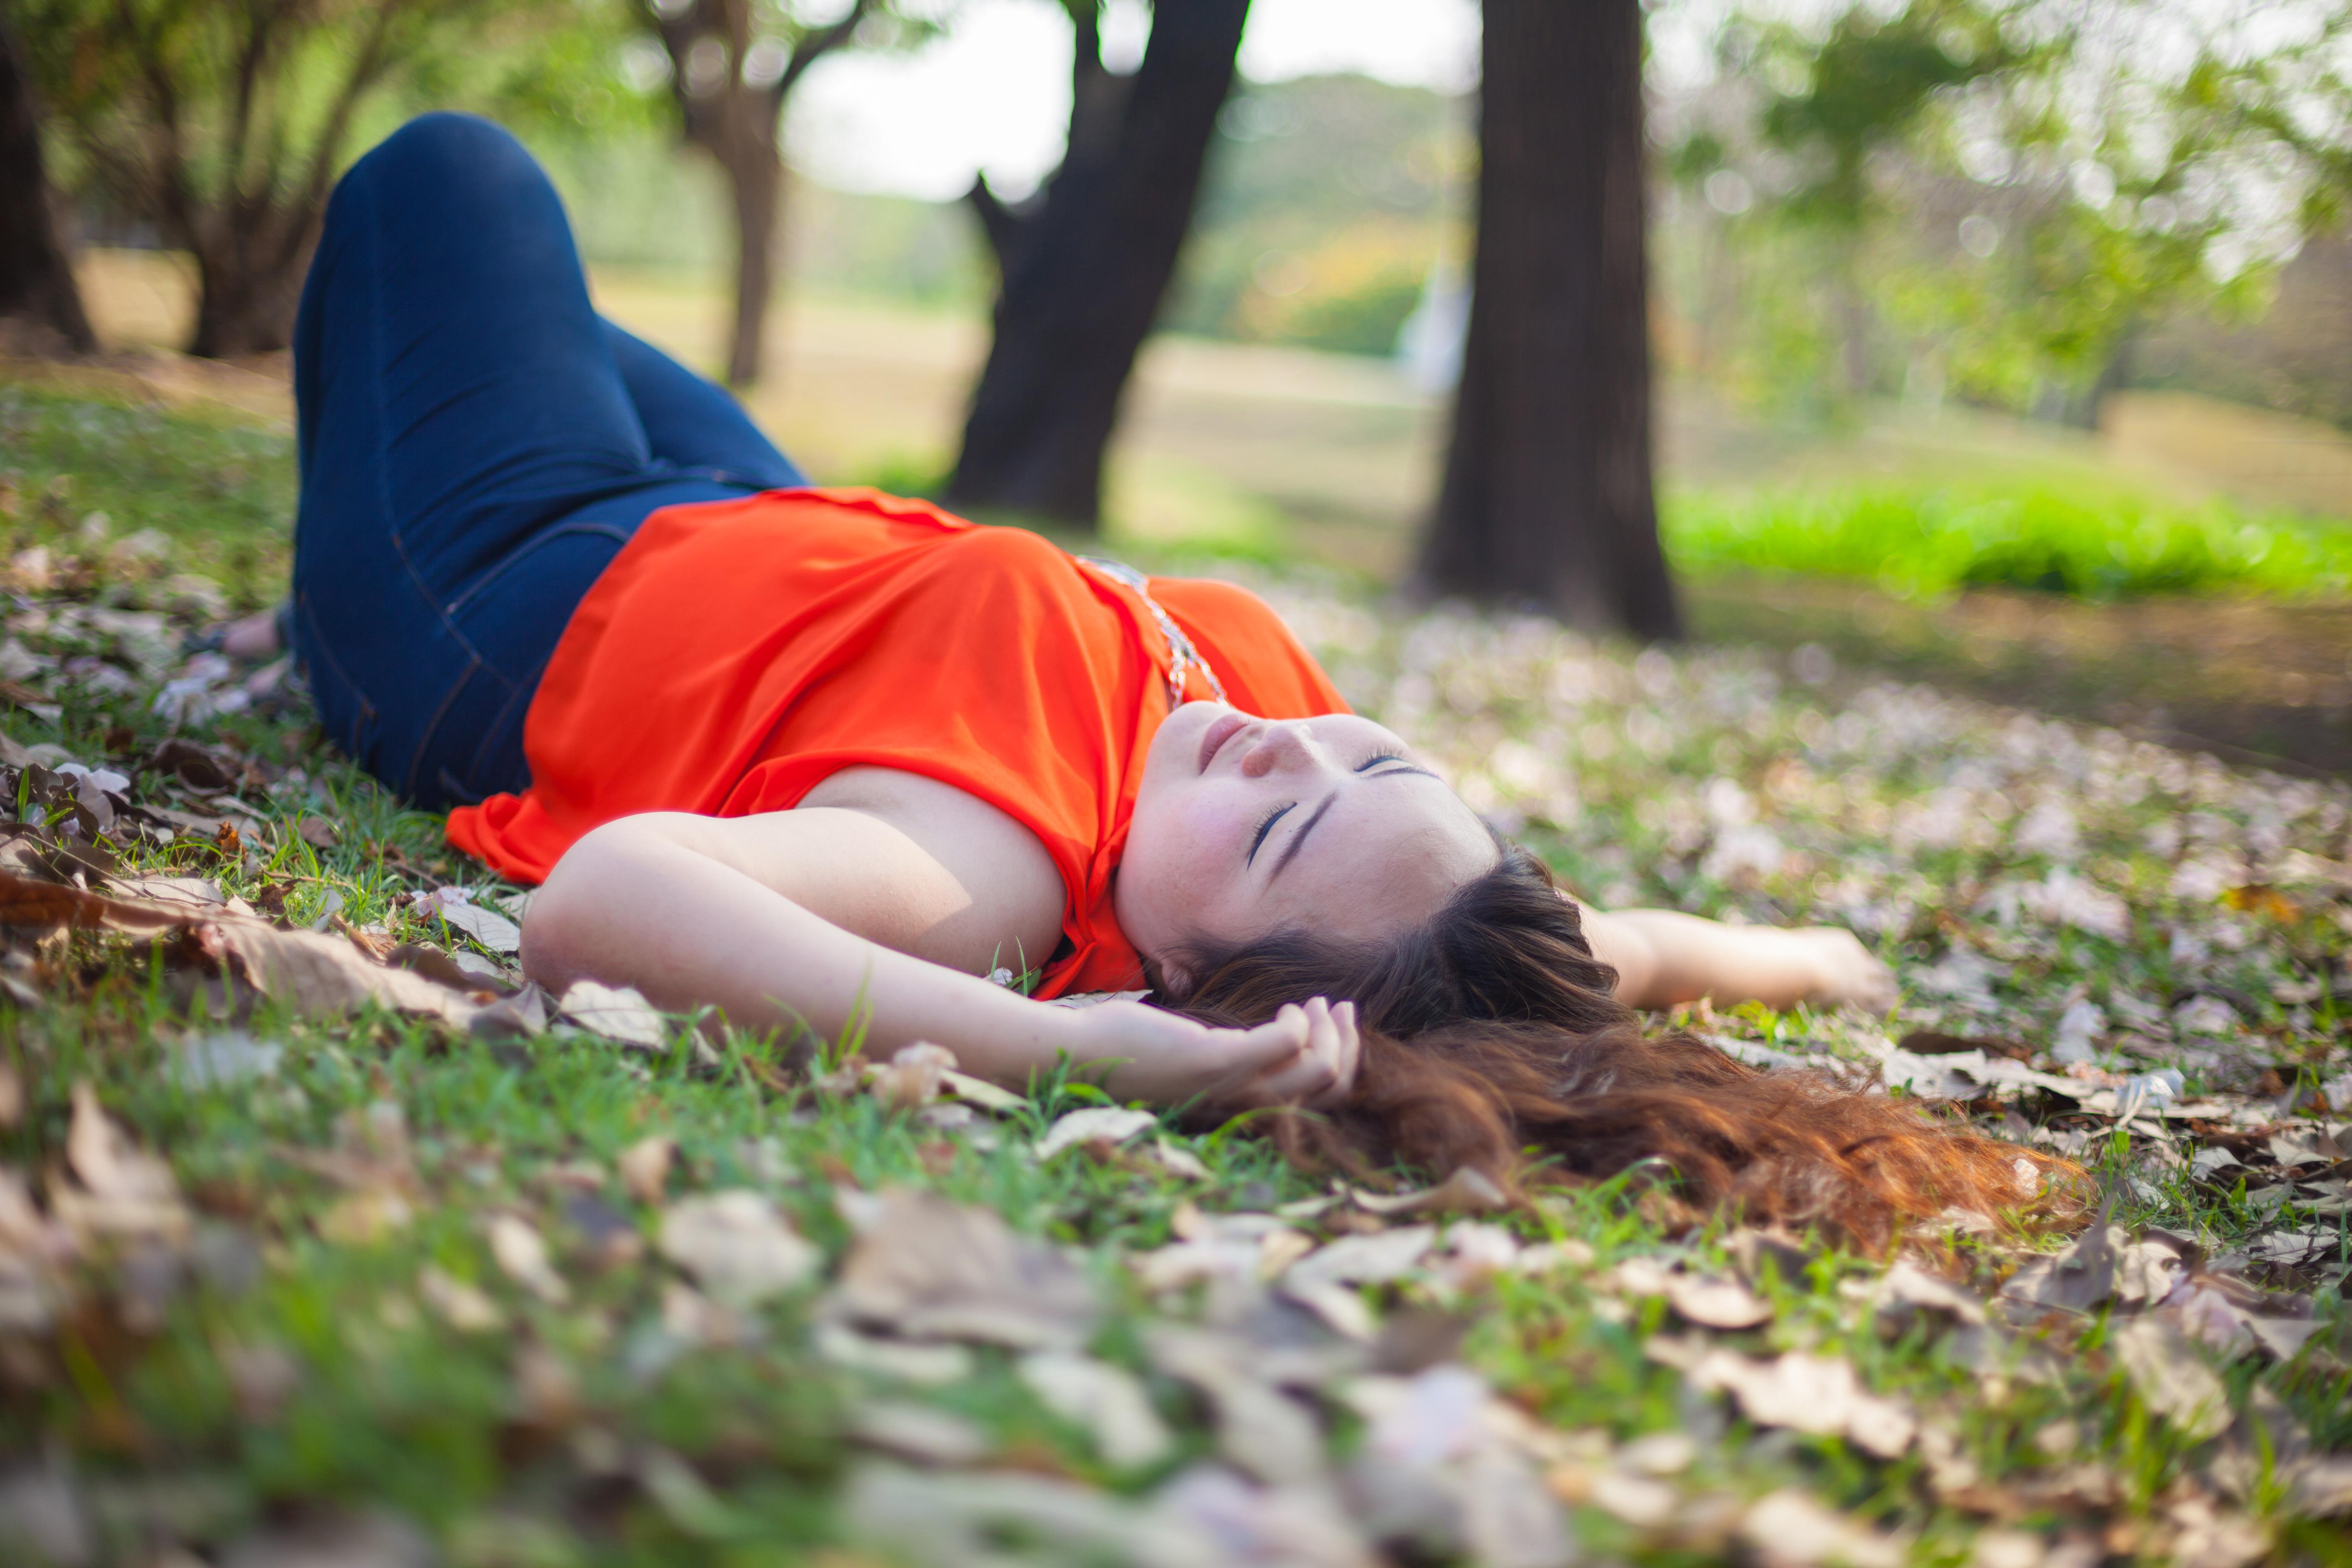 Den viktigaste effekten av viktnedgången beträffande livskvaliteten är att man kan röra sig lättare och orkar mer.